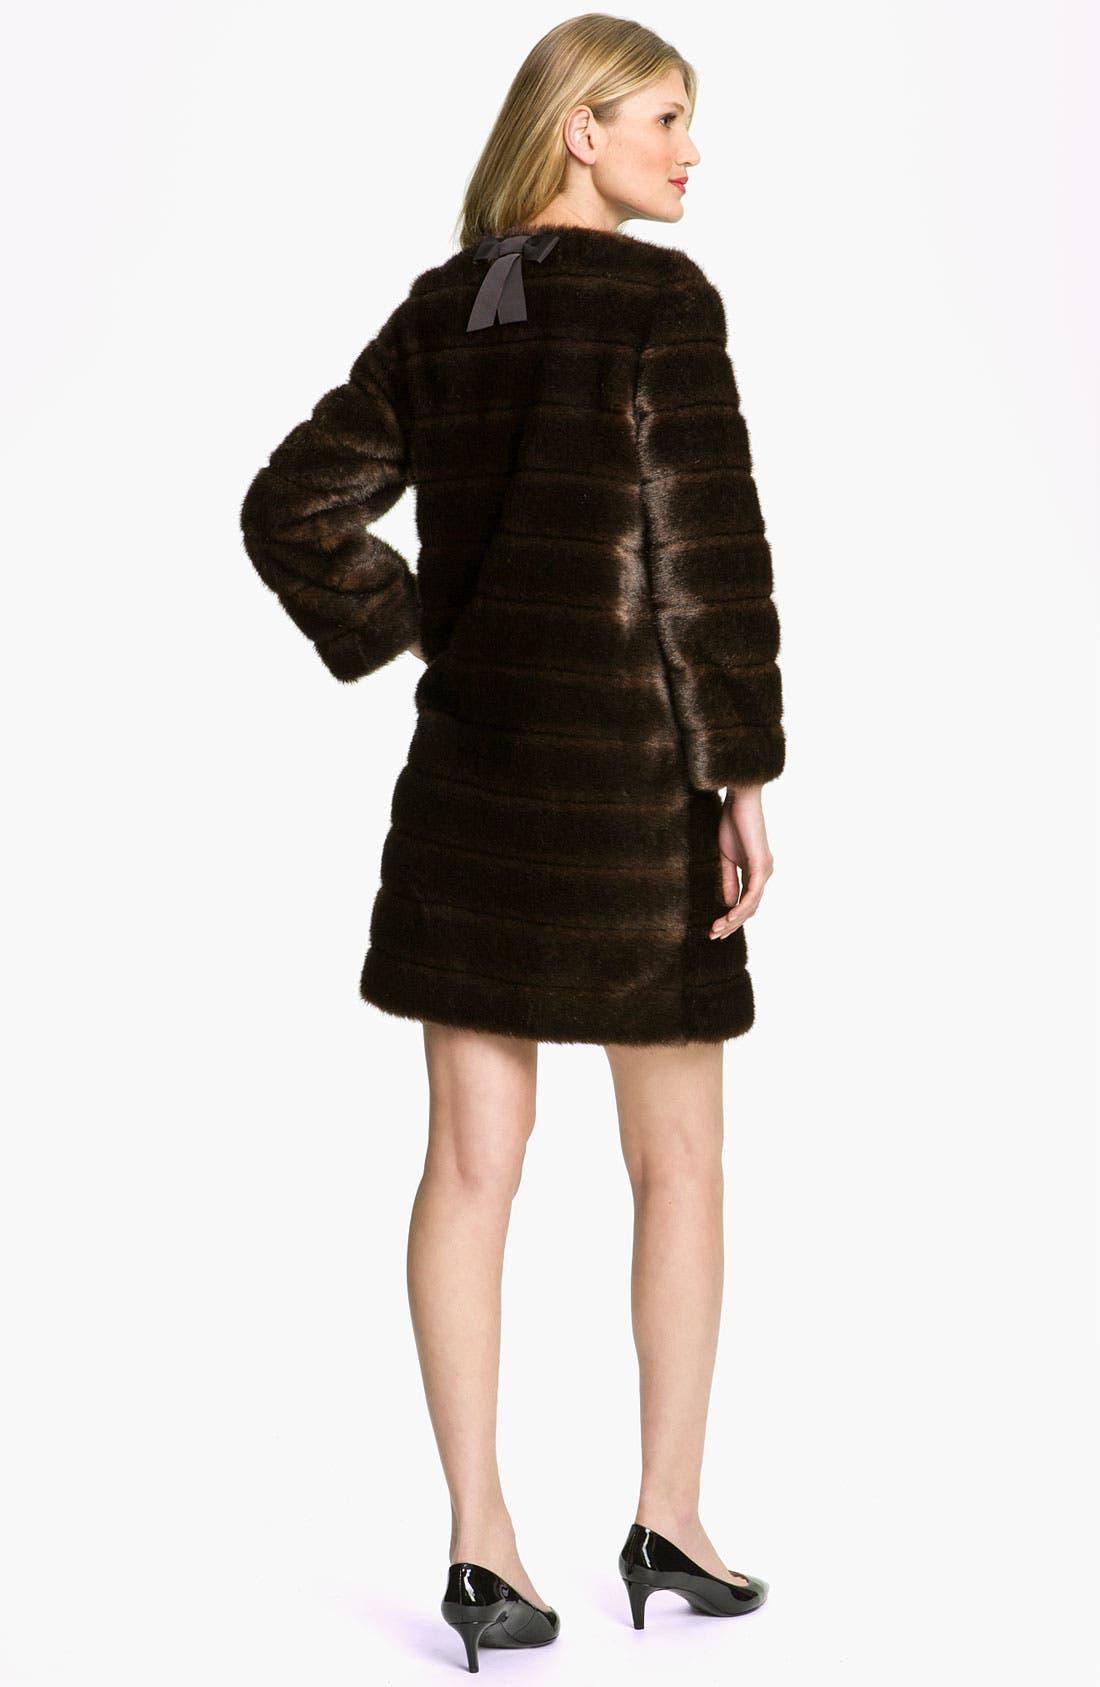 KATE SPADE NEW YORK 'vanessa' embellished dress, Main, color, 440